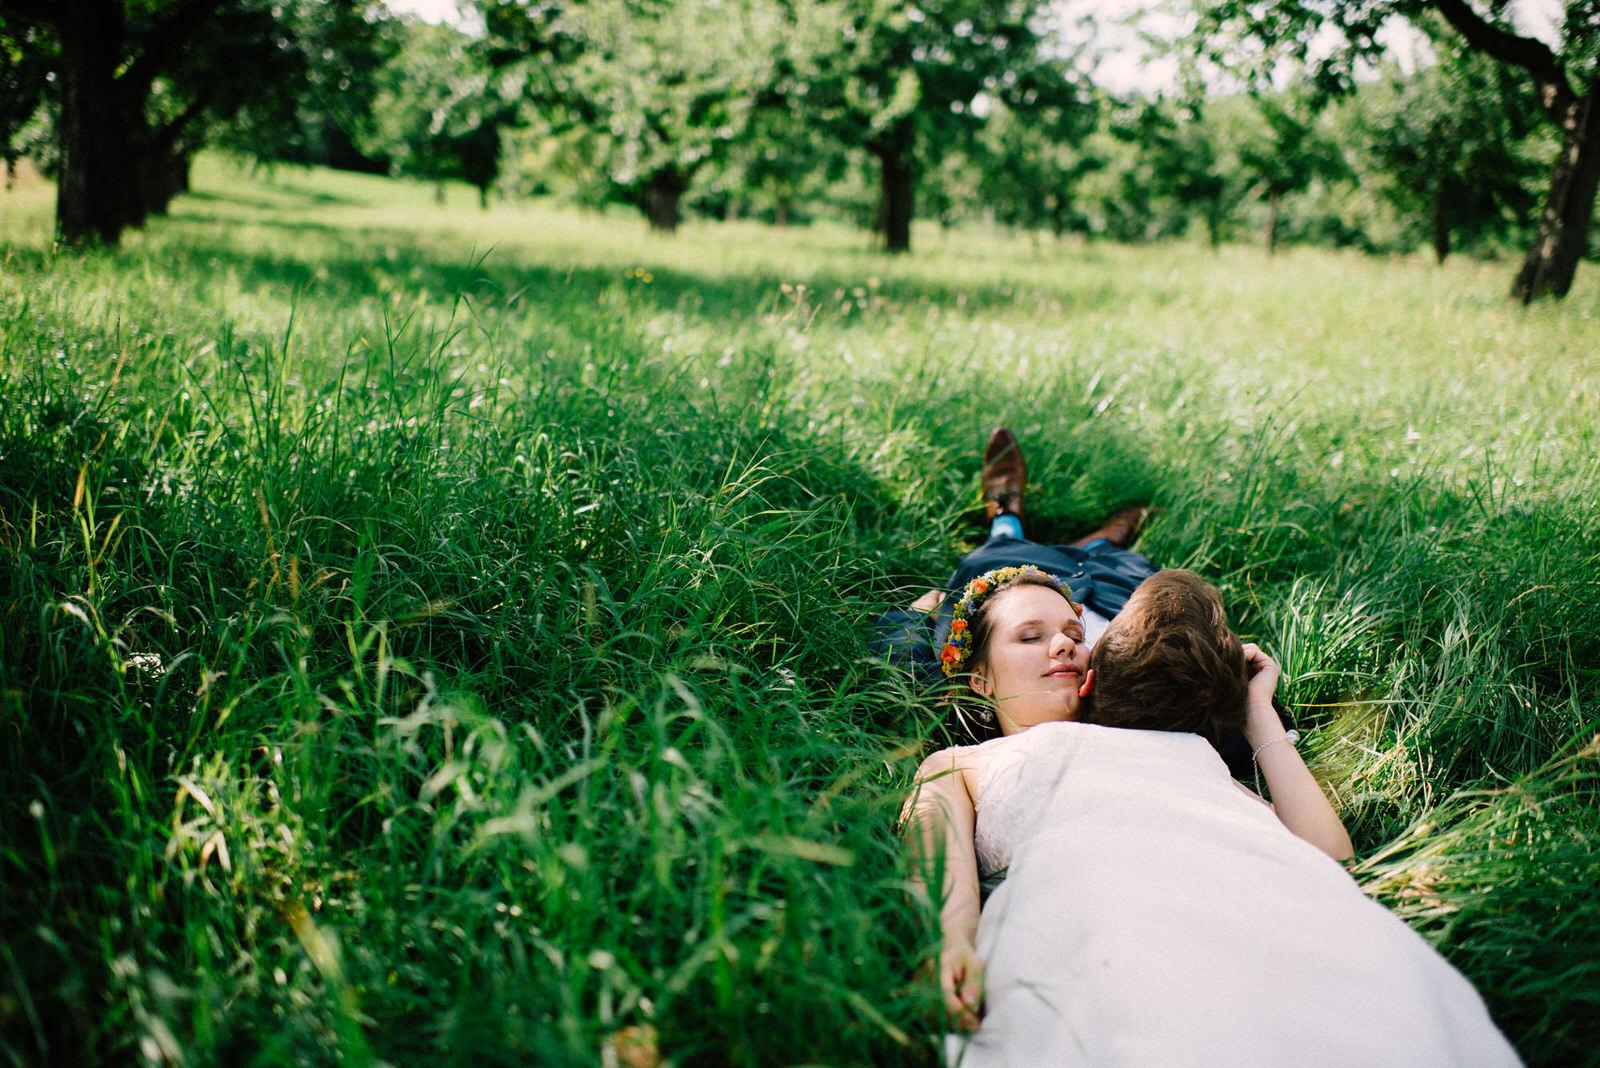 Hochzeitsfotograf Basel Landhochzeit Brautpaar im Gras Slideshow Main